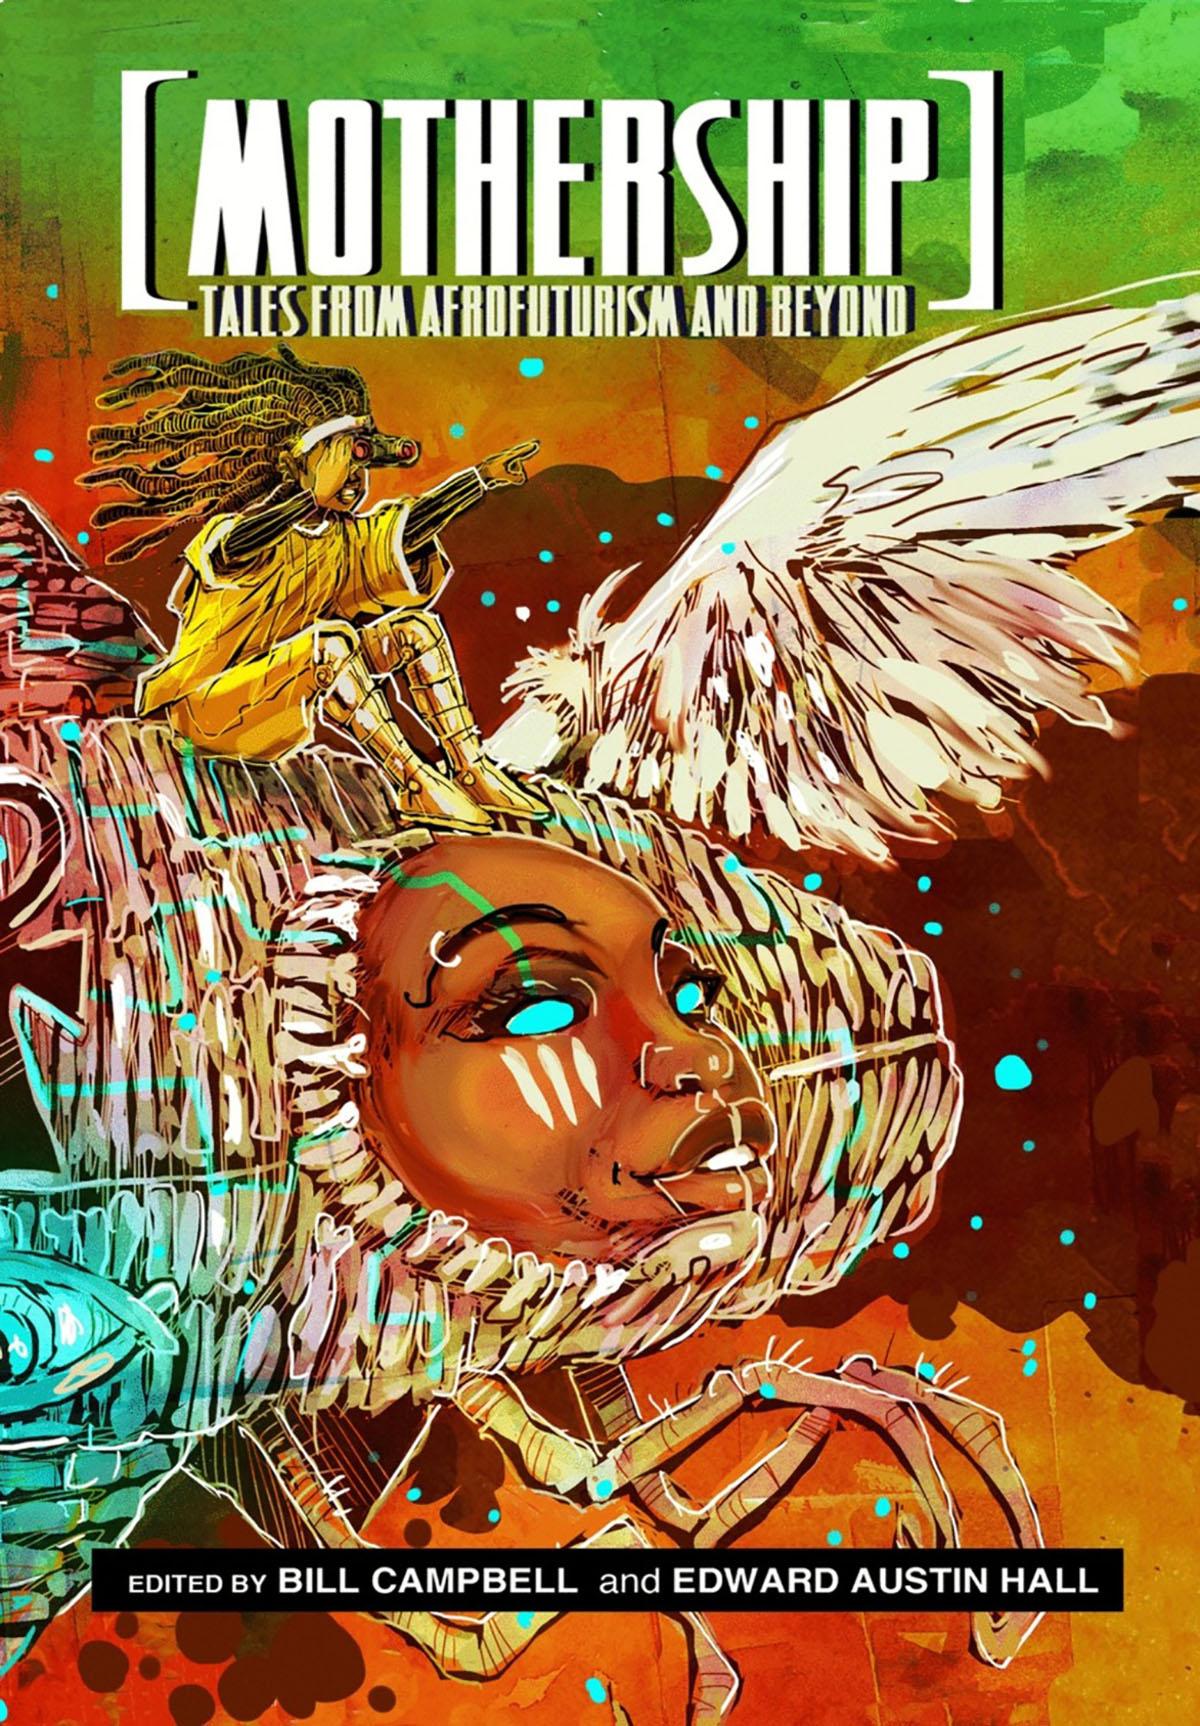 Rosarium Publishing Is Bringing Color to Our Literature -